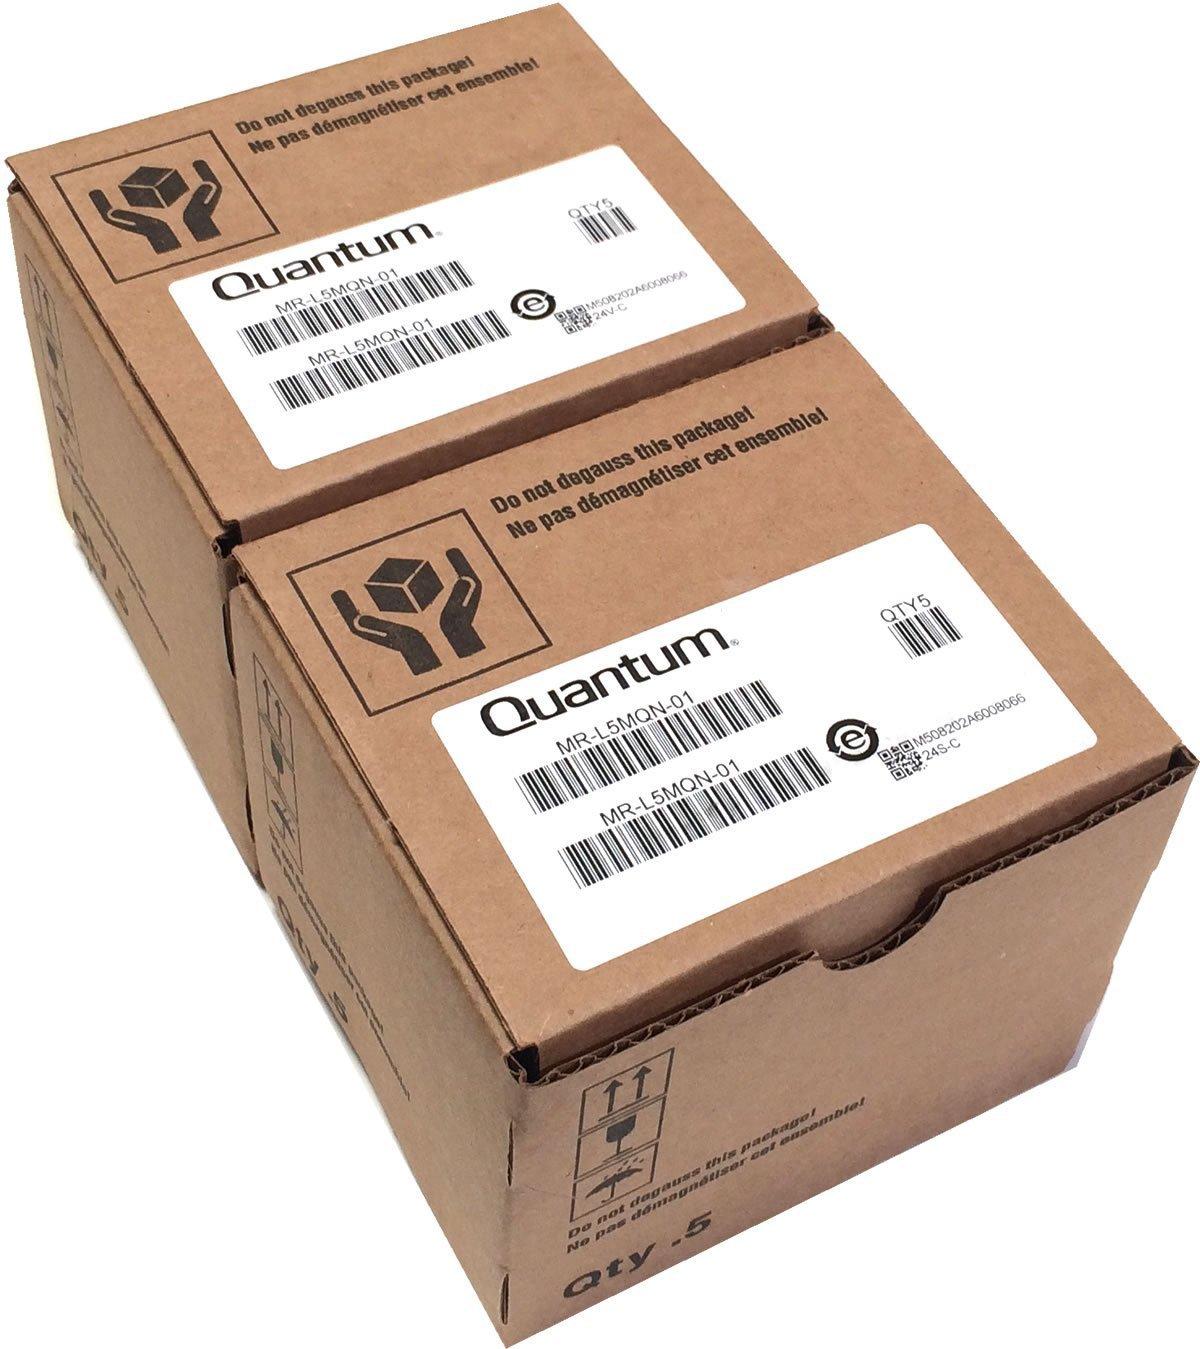 10 Pack Quantum MR-L5MQN-01 LTO 5 Ultrium-5 Data Tape Cartridge (1.5/3.0TB) by Quantum